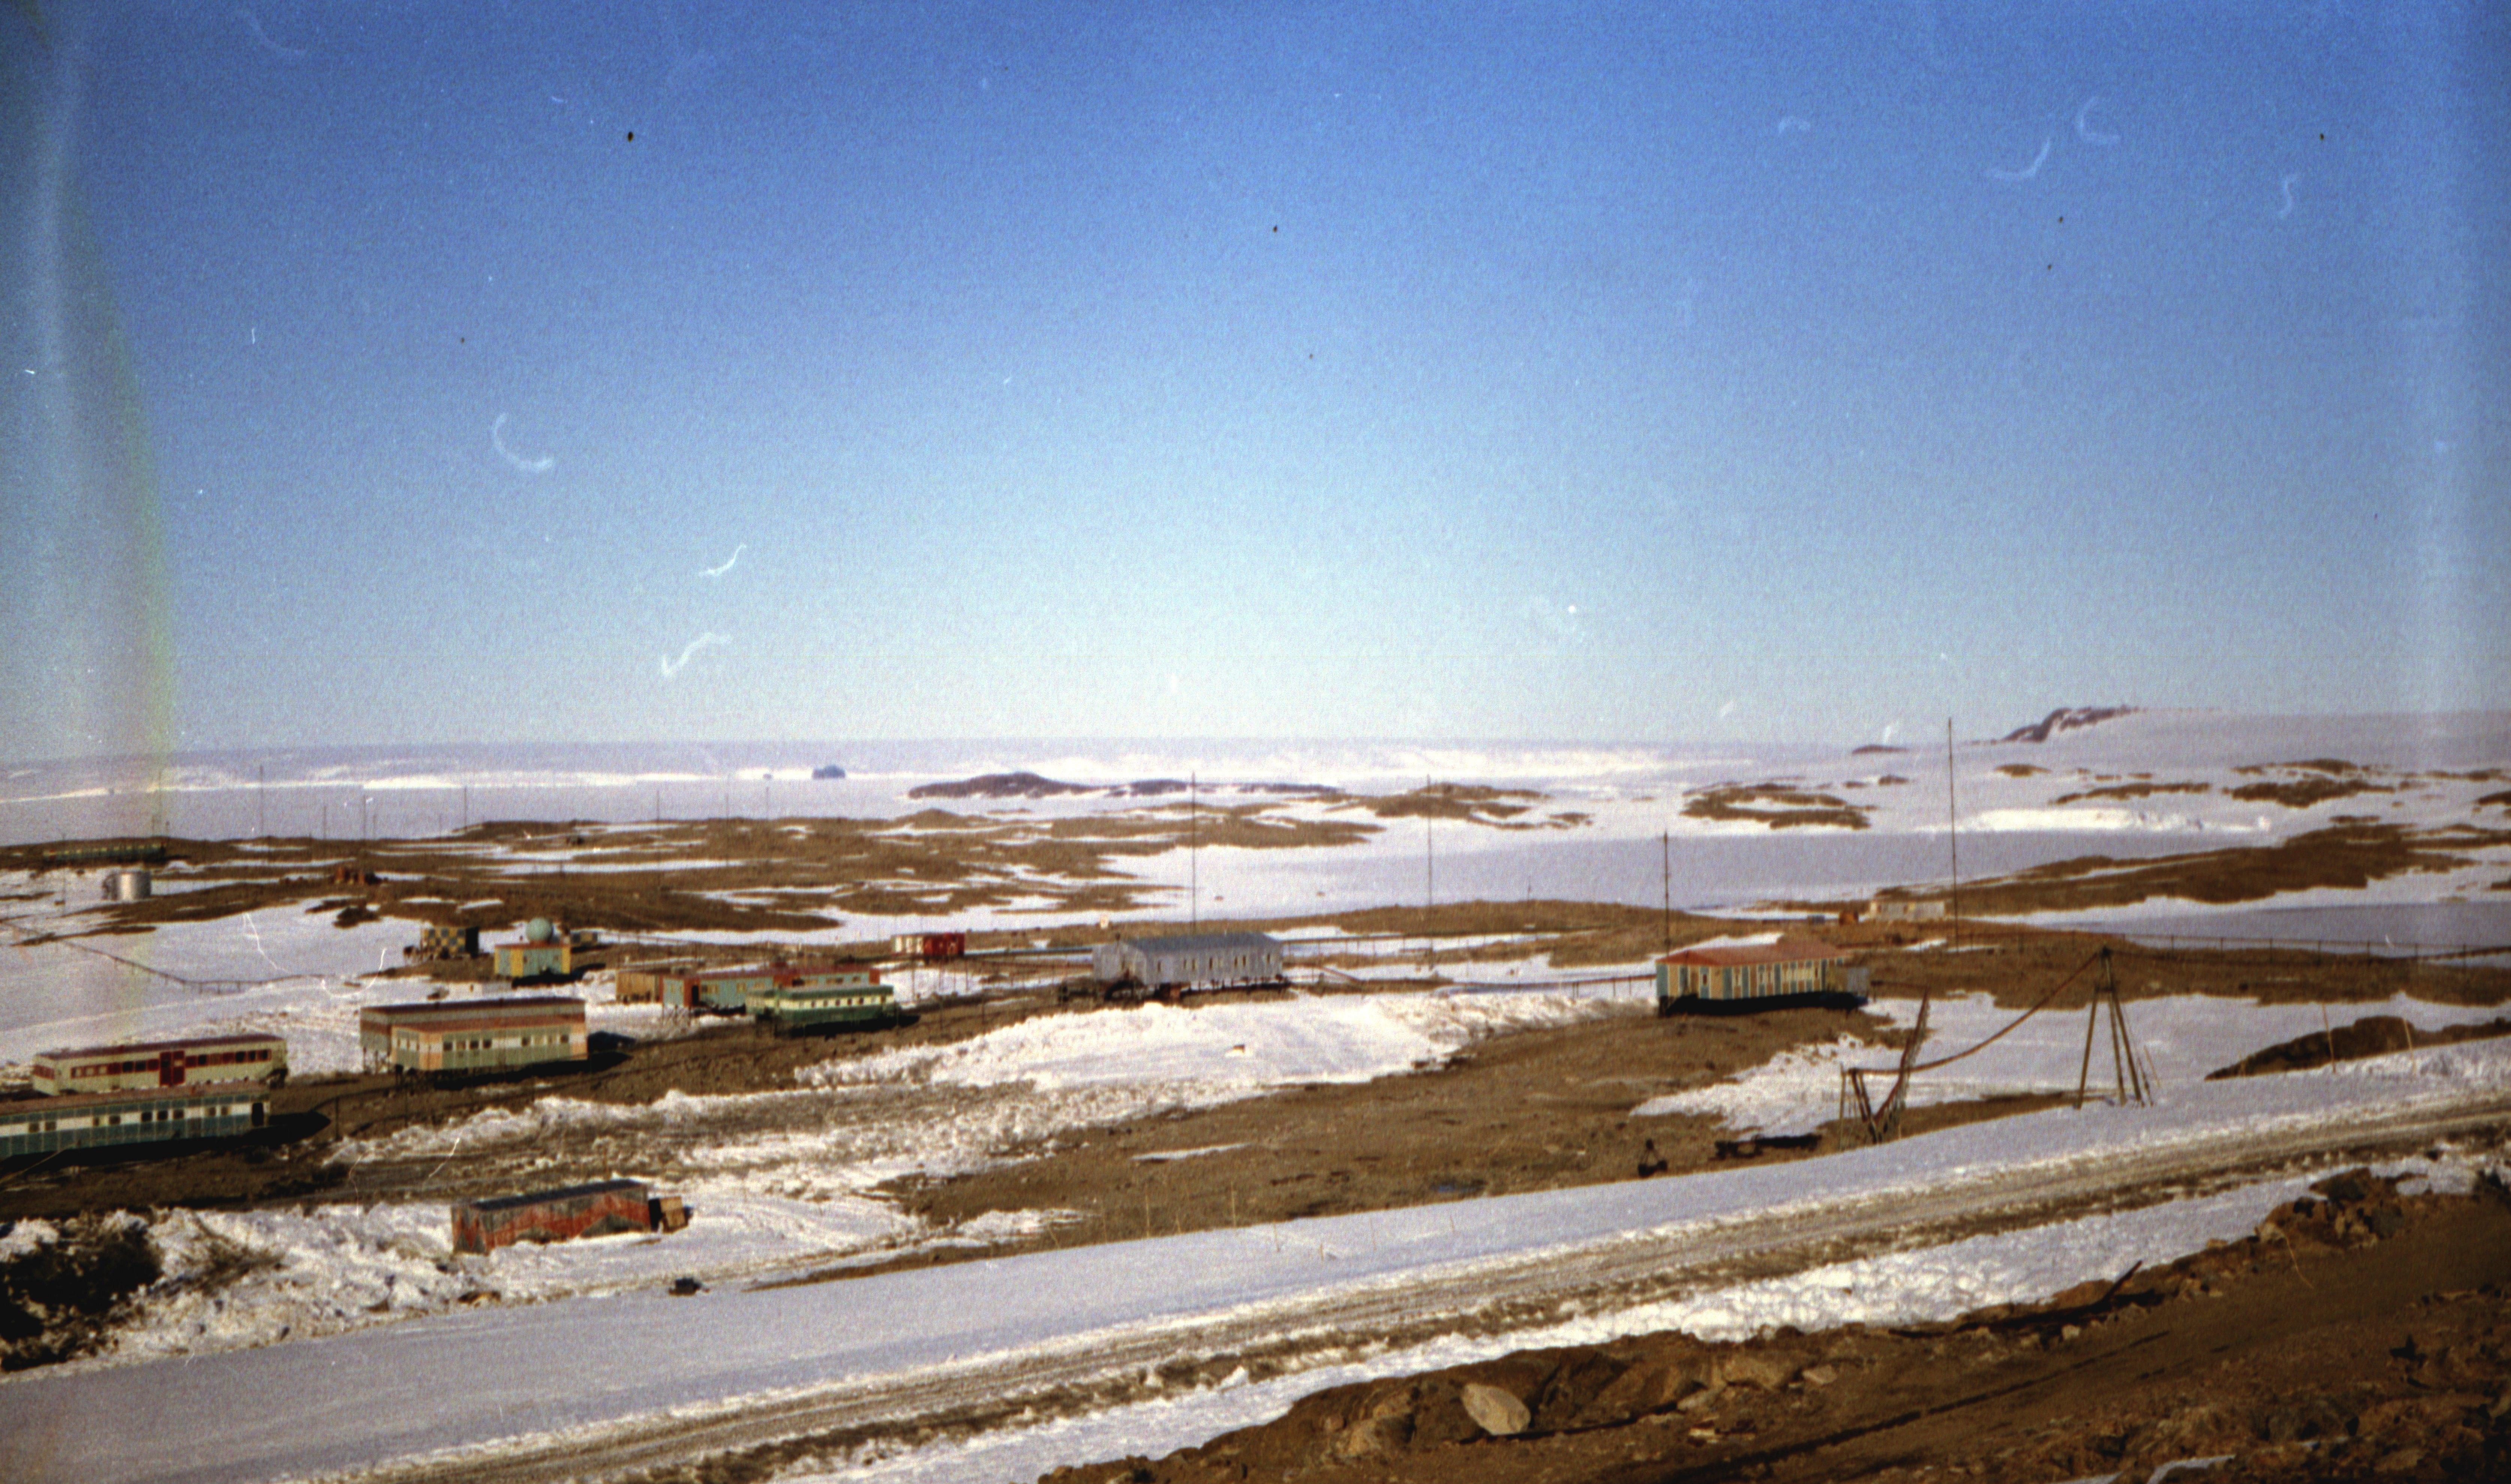 830130 Антарктическая станция _Молодёжная_.jpg